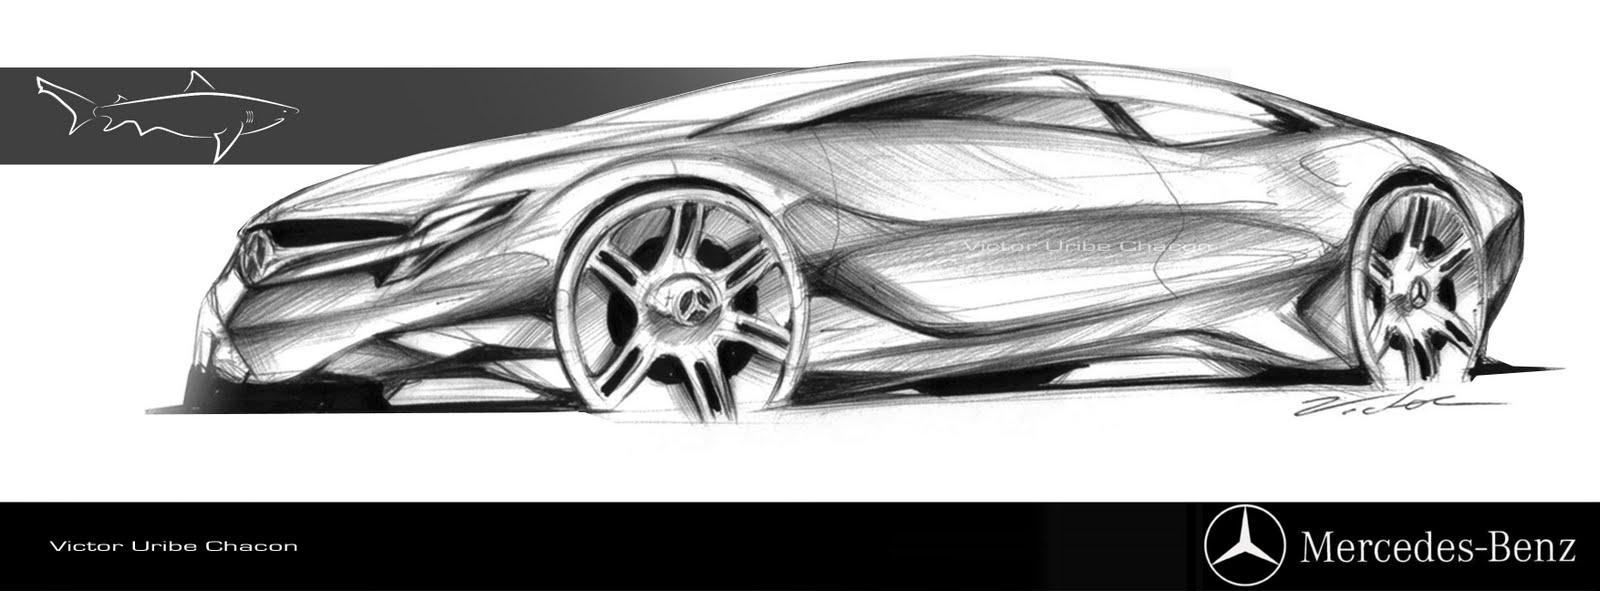 Gucci Benz >> Car design and my life...: MERCEDES BENZ S-QUALO